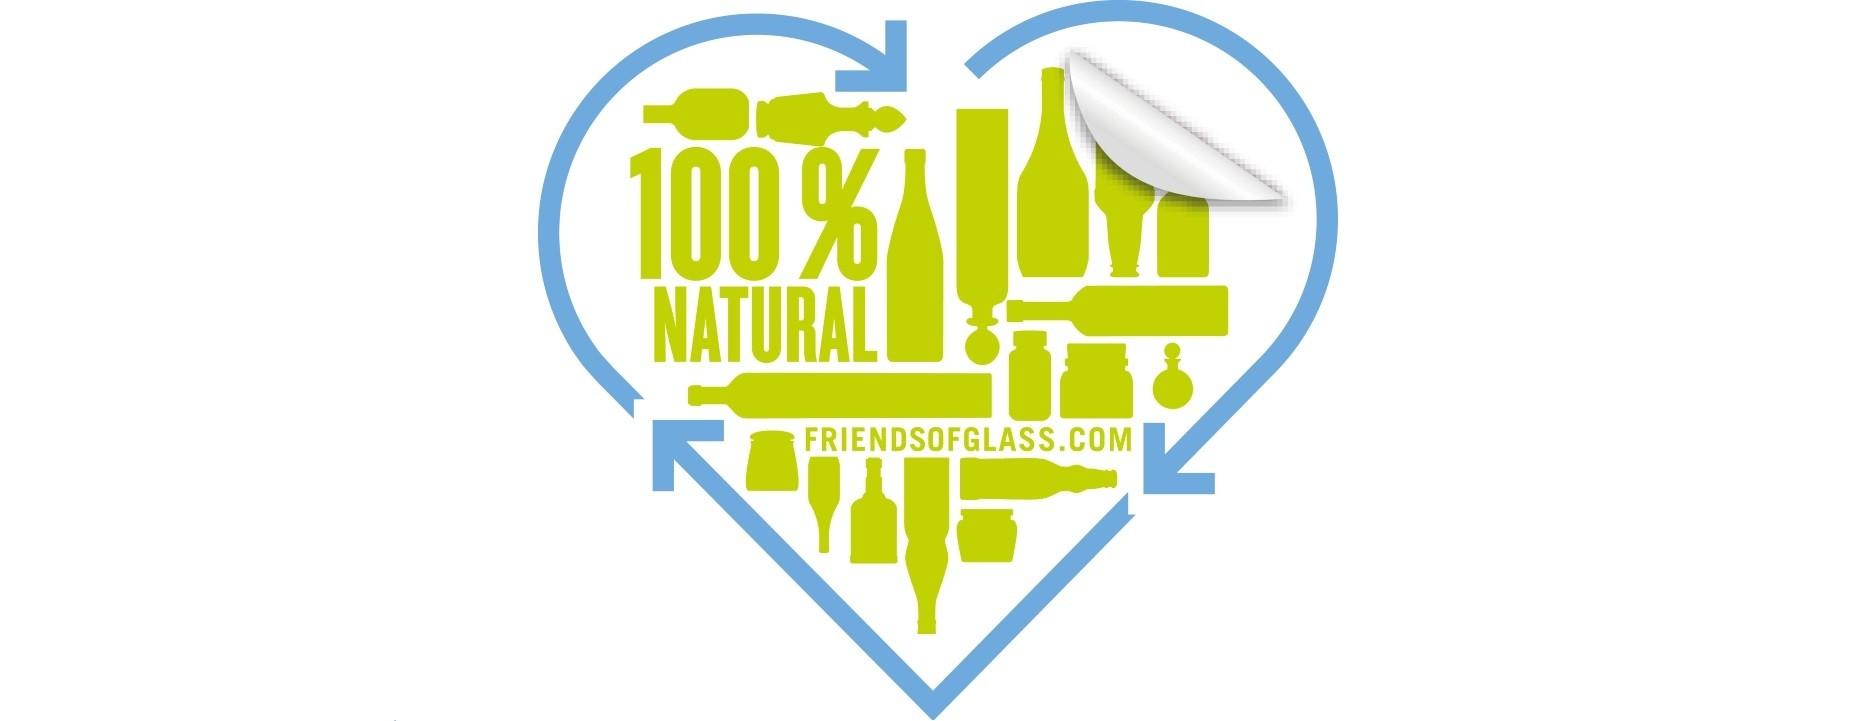 Rede de supermercados faz campanha para que se use vidro em vez de plástico